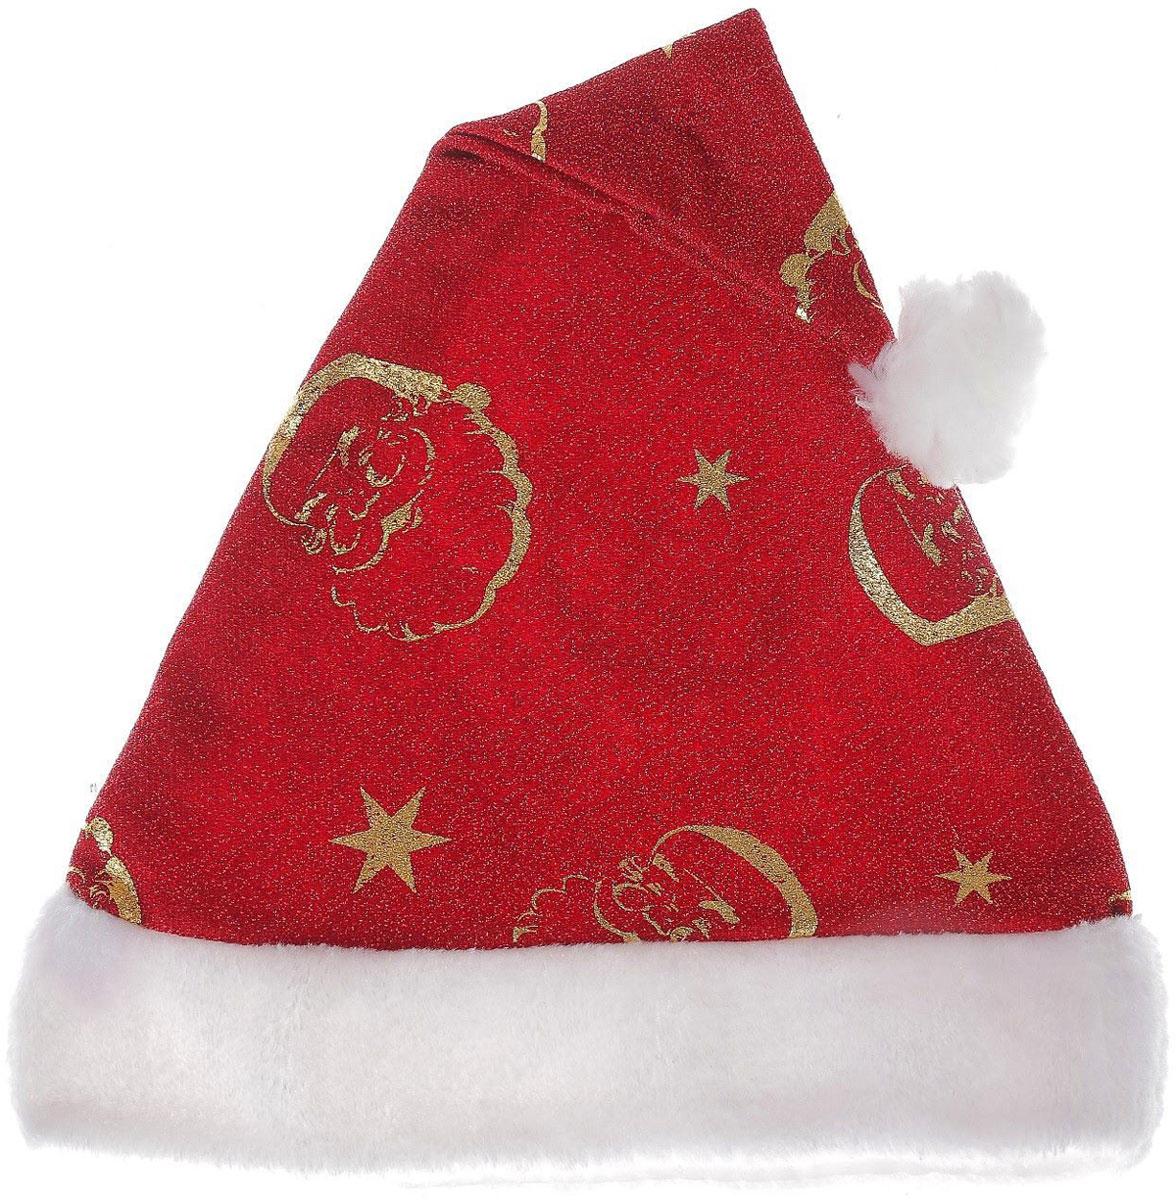 Колпак новогодний Искринка. Дед Мороз, 28 х 40 см2363891Невозможно представить нашу жизнь без праздников! Мы всегда ждем их и предвкушаем, обдумываем, как проведем памятный день, тщательно выбираем подарки и аксессуары, ведь именно они создают и поддерживают торжественный настрой. Это отличный выбор, который привнесет атмосферу праздника в ваш дом!